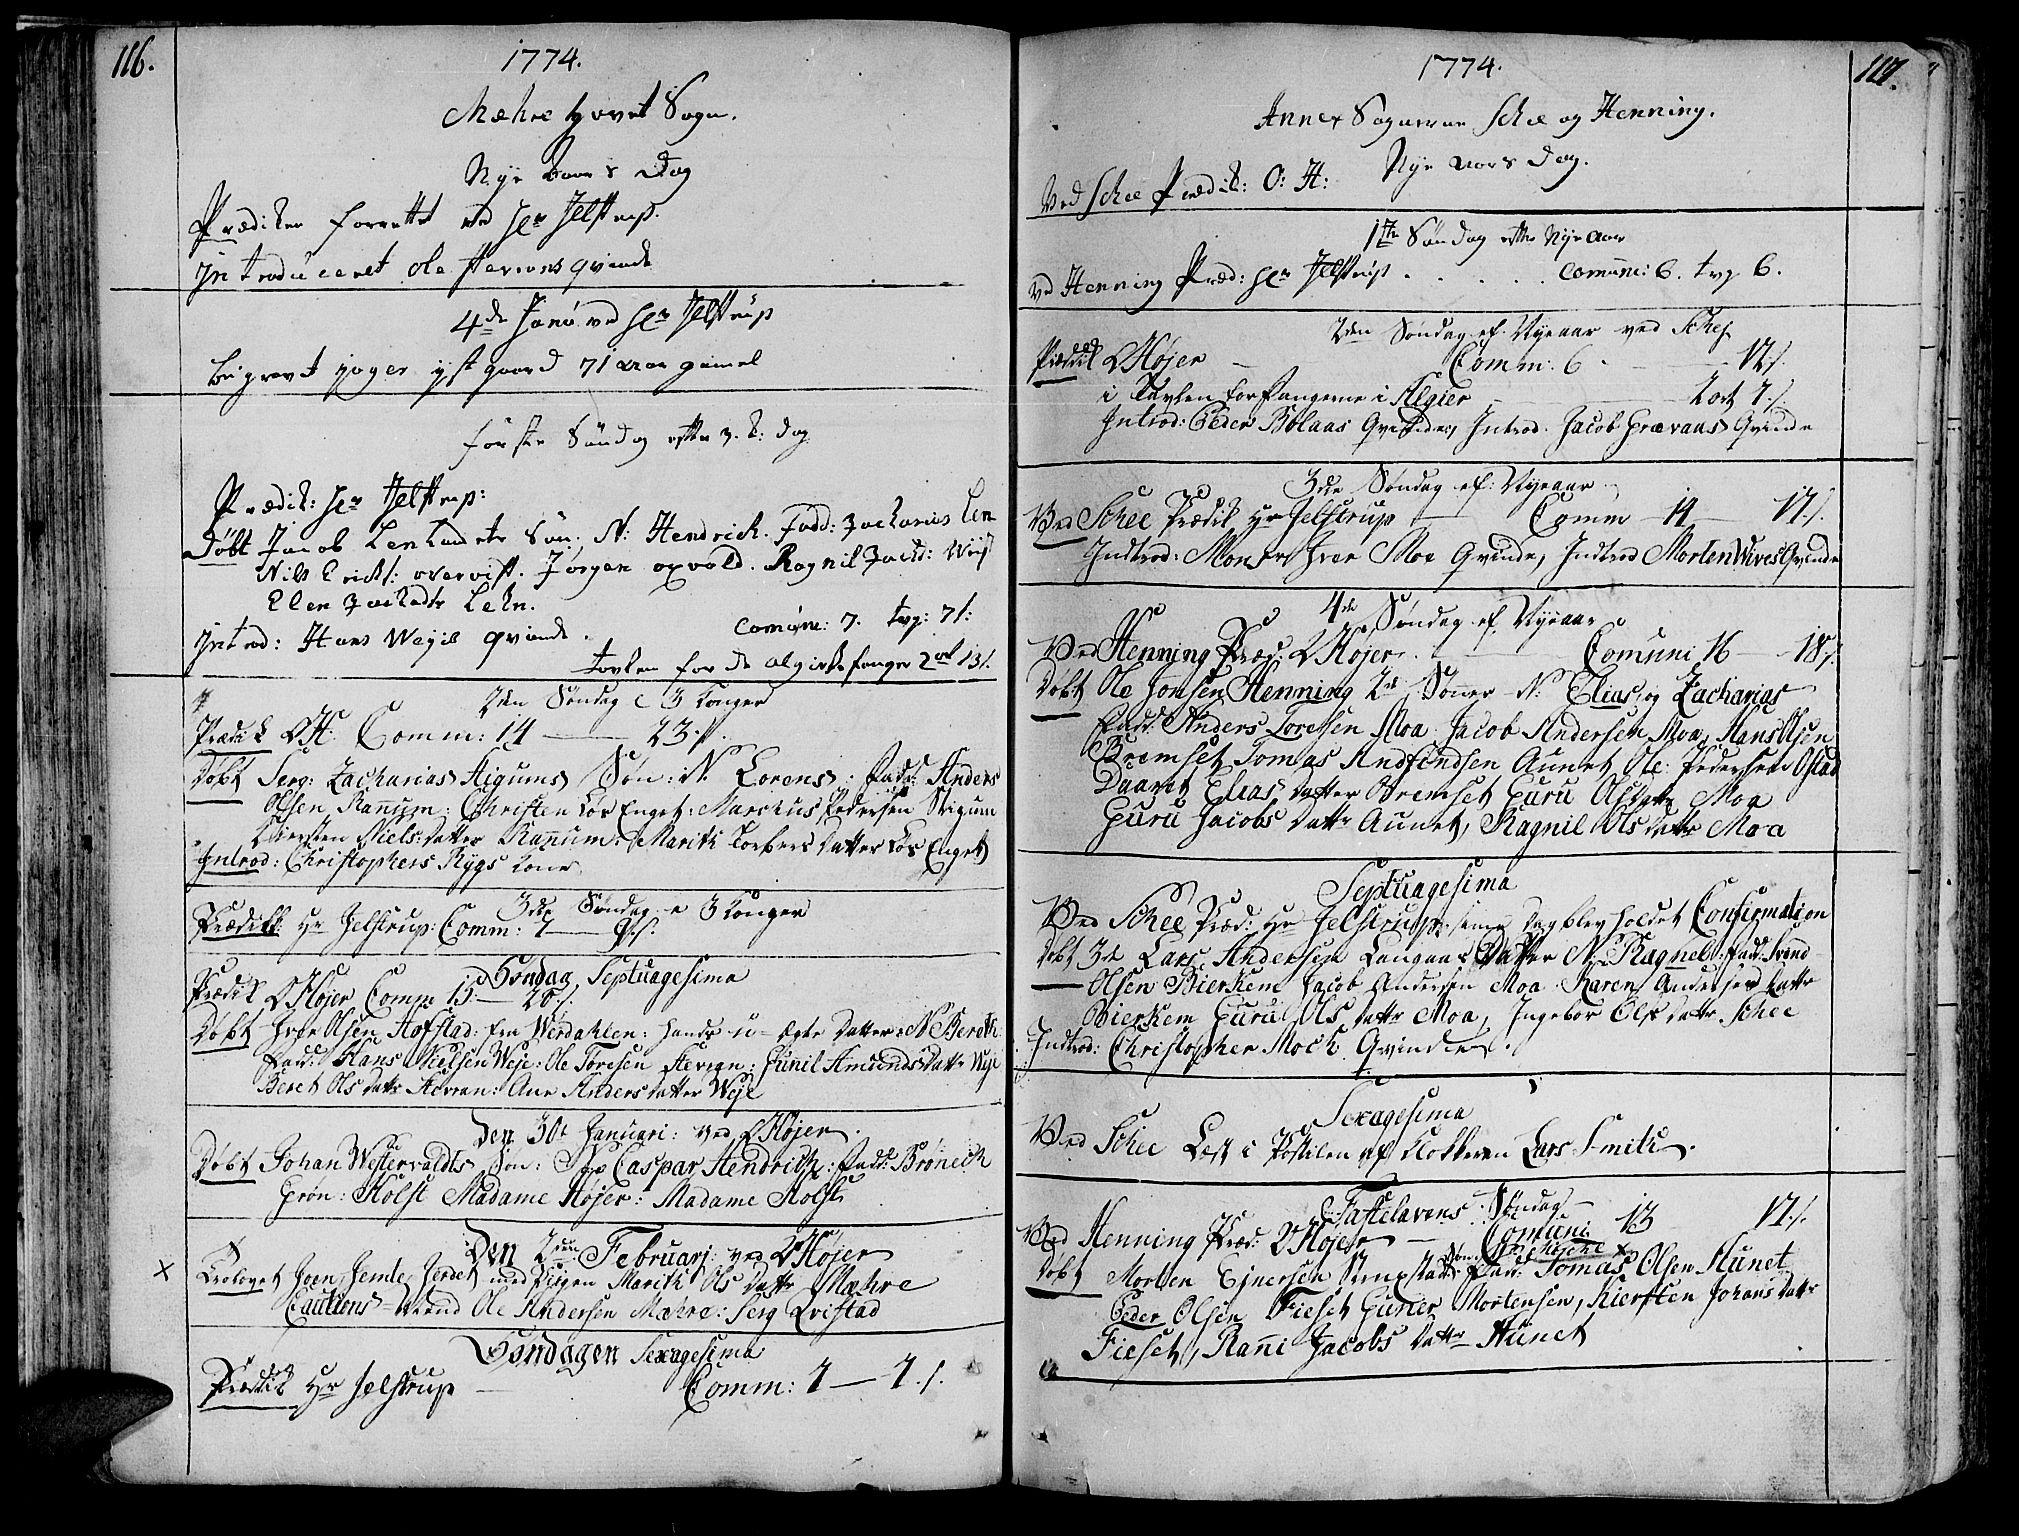 SAT, Ministerialprotokoller, klokkerbøker og fødselsregistre - Nord-Trøndelag, 735/L0331: Ministerialbok nr. 735A02, 1762-1794, s. 116-117